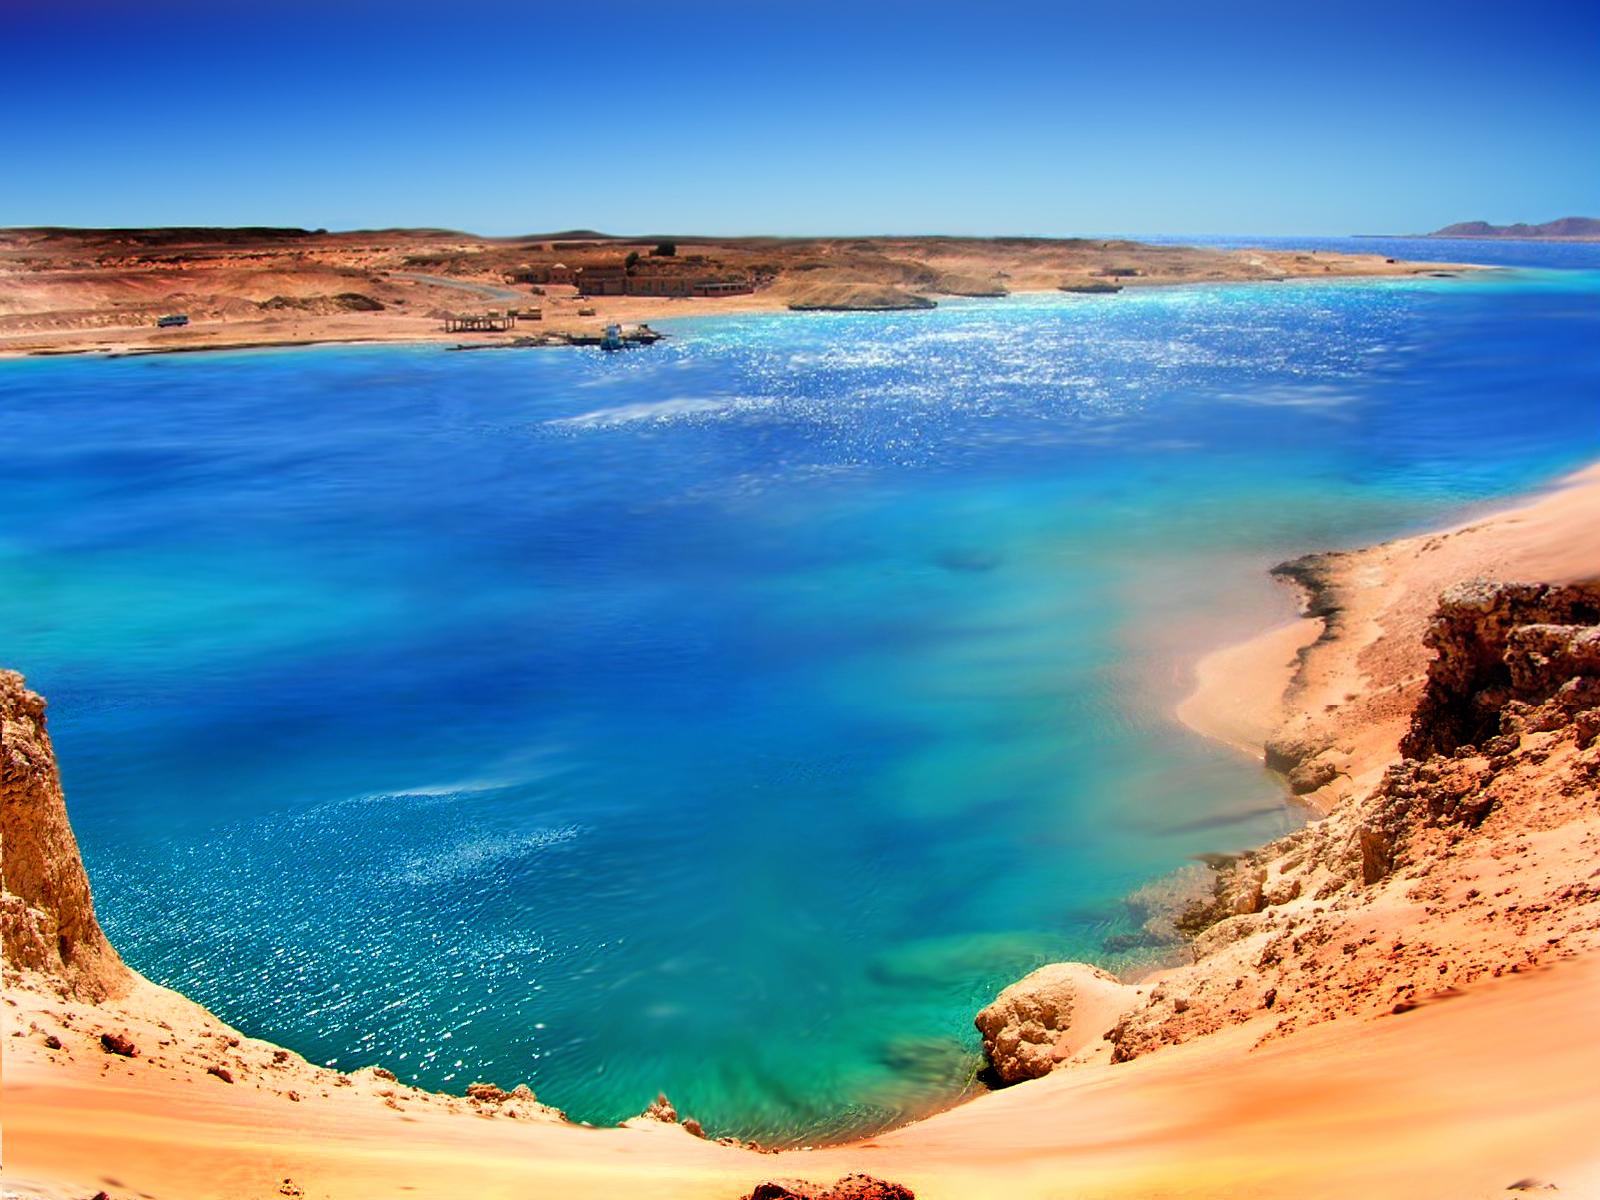 картинки красного моря египет делает эфиры